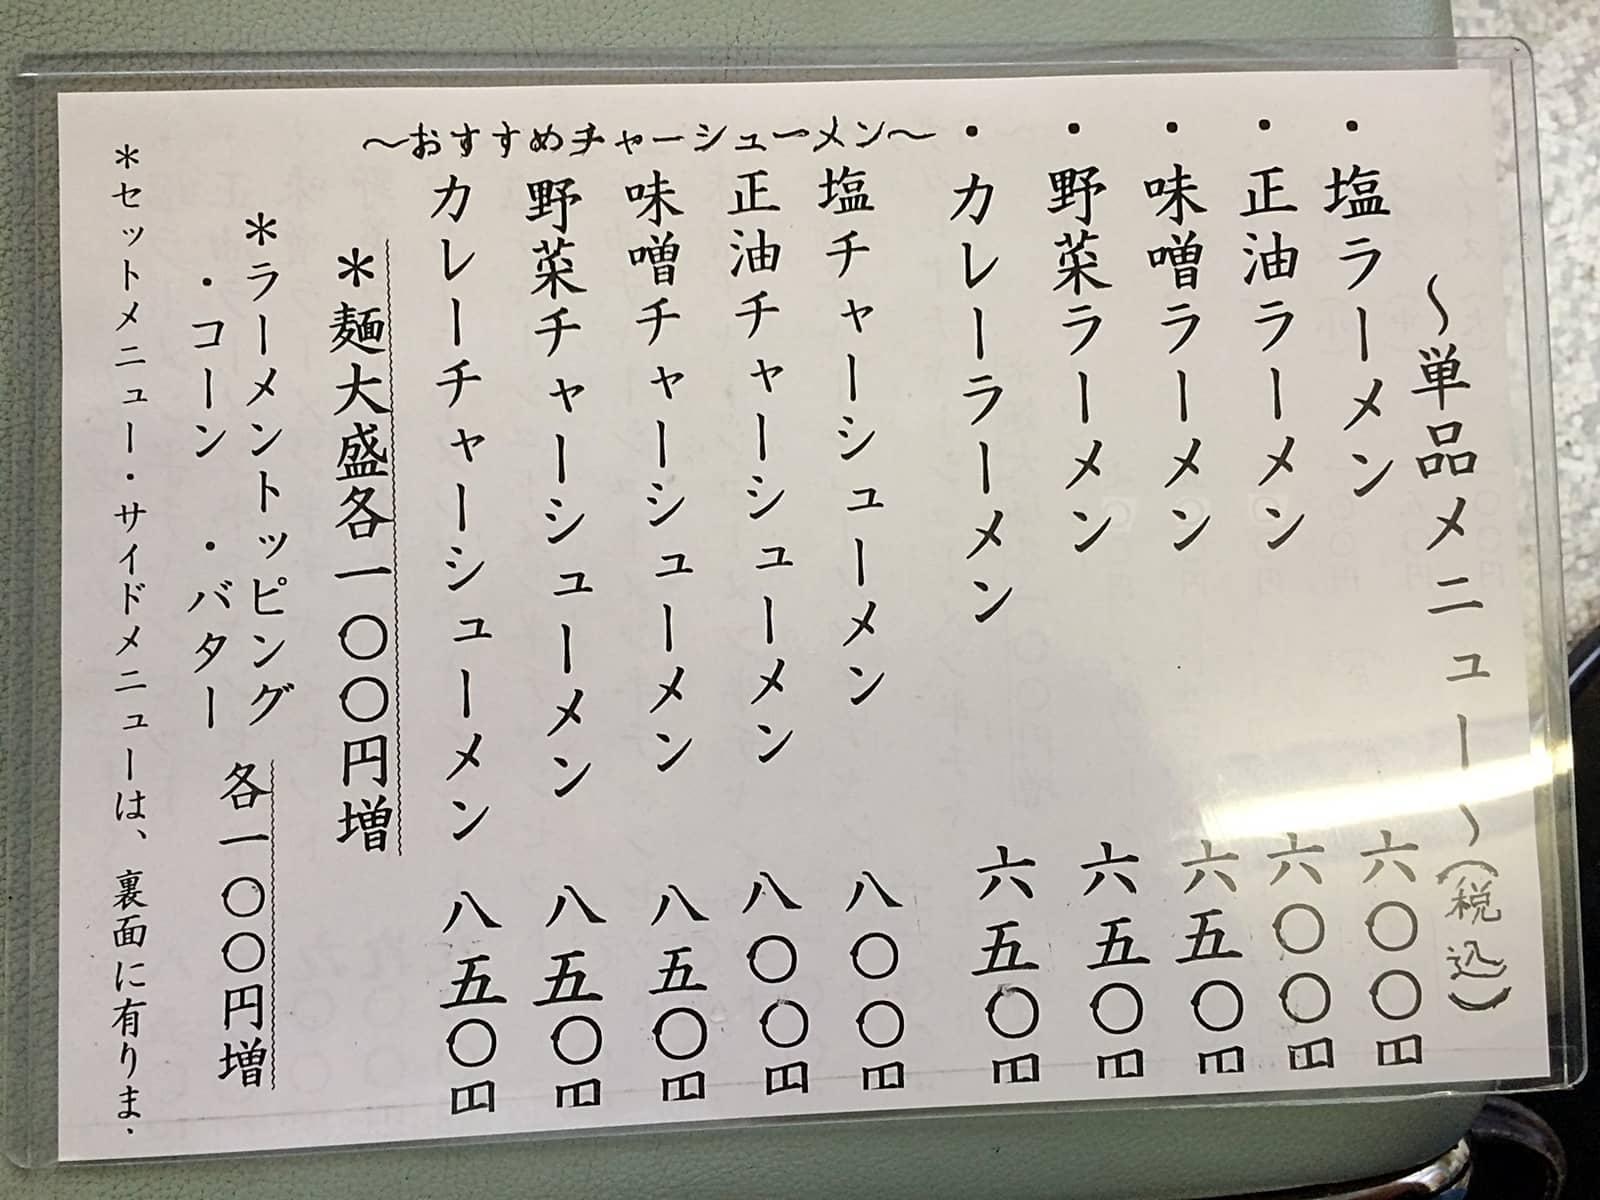 新幹線ラーメン メニュー2